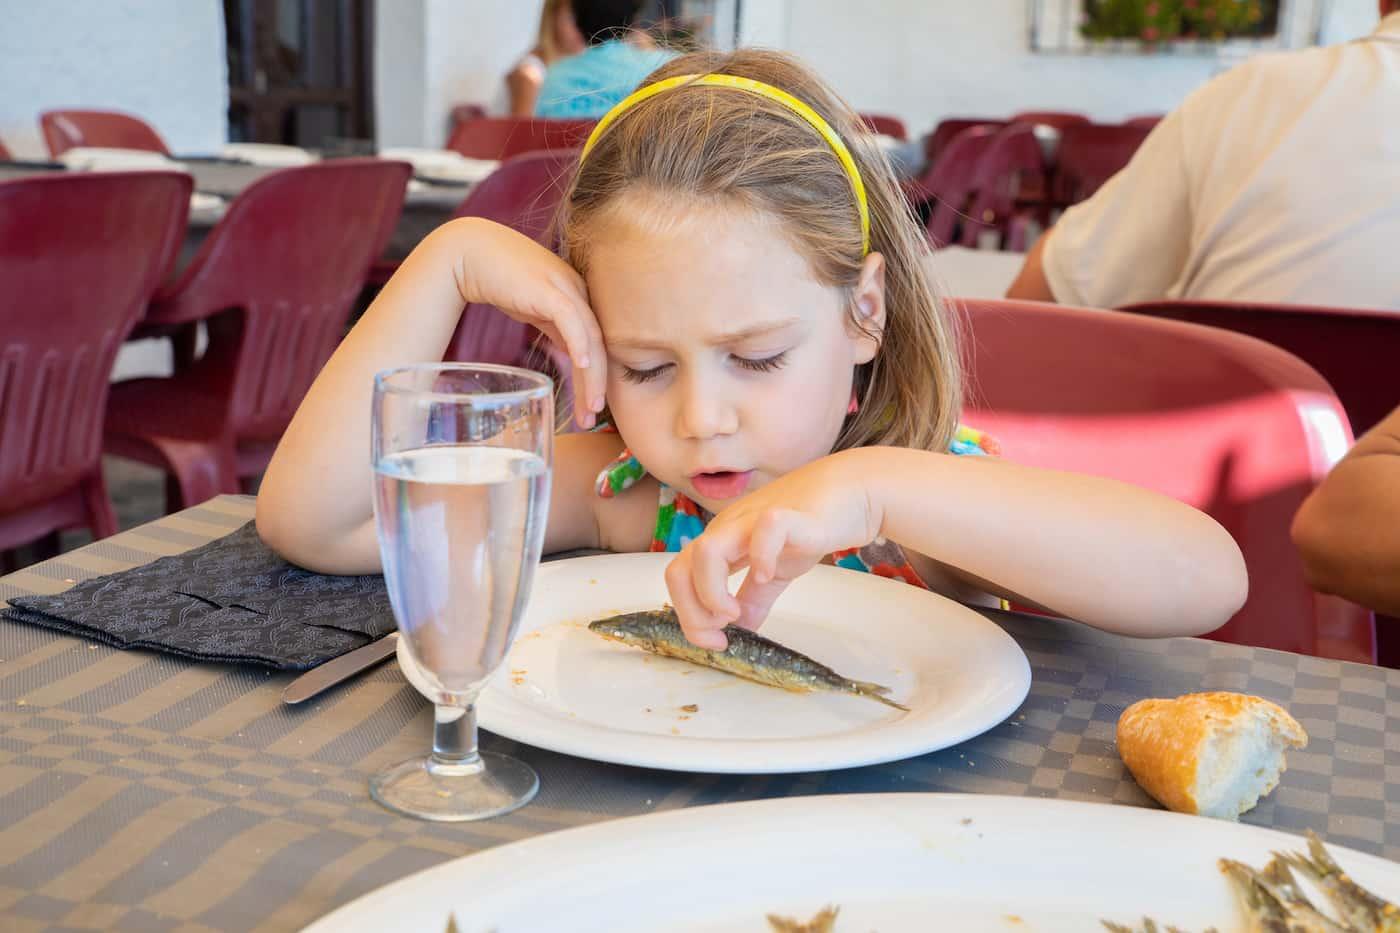 Πώς θα καταφέρεις να κάνεις το παιδί σου να αγαπήσει το ψάρι;